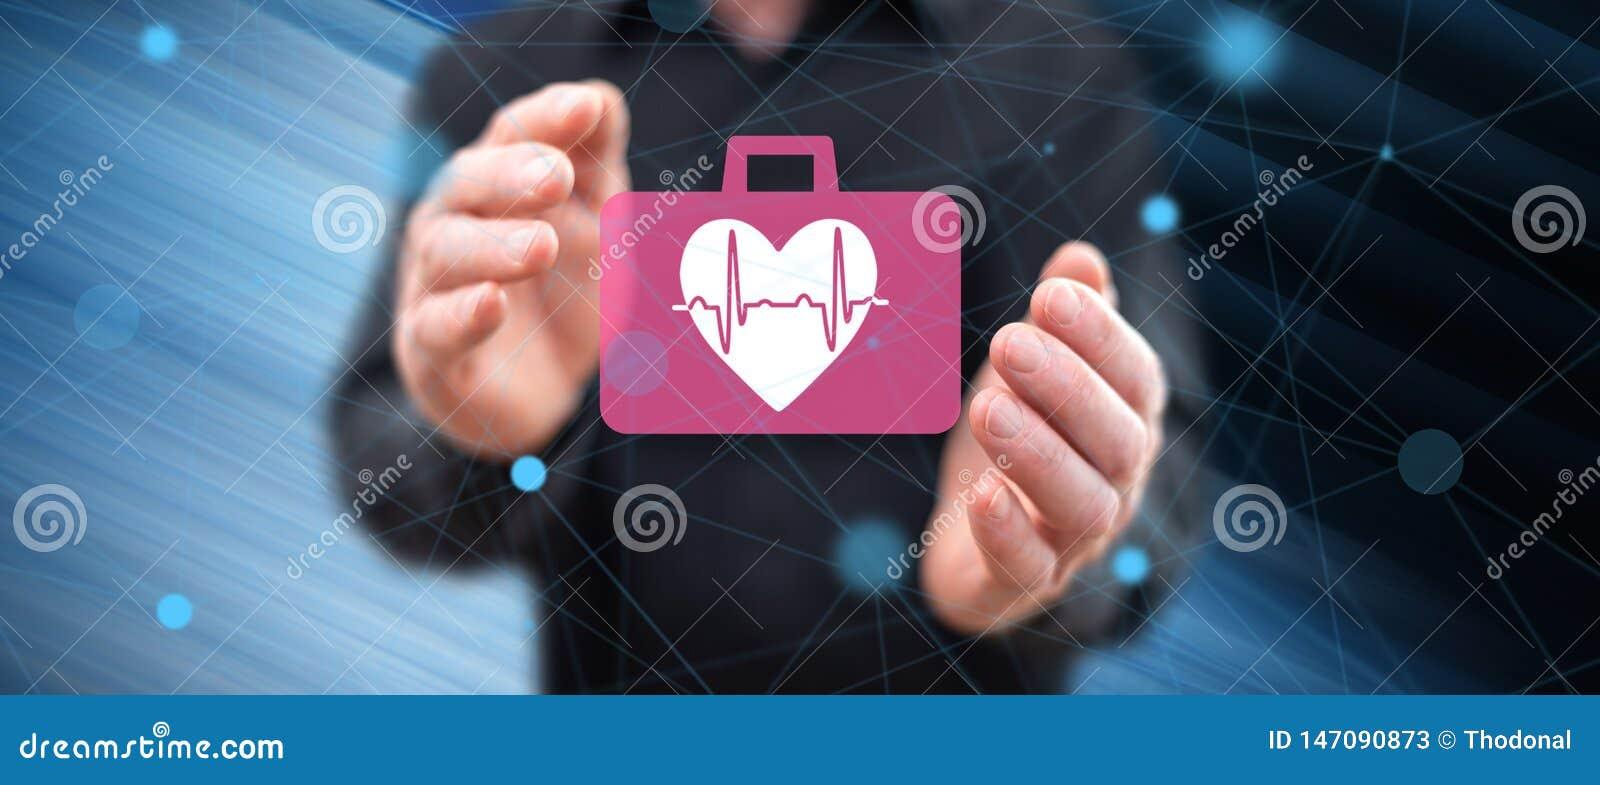 Concepto de emergencia cardiaca